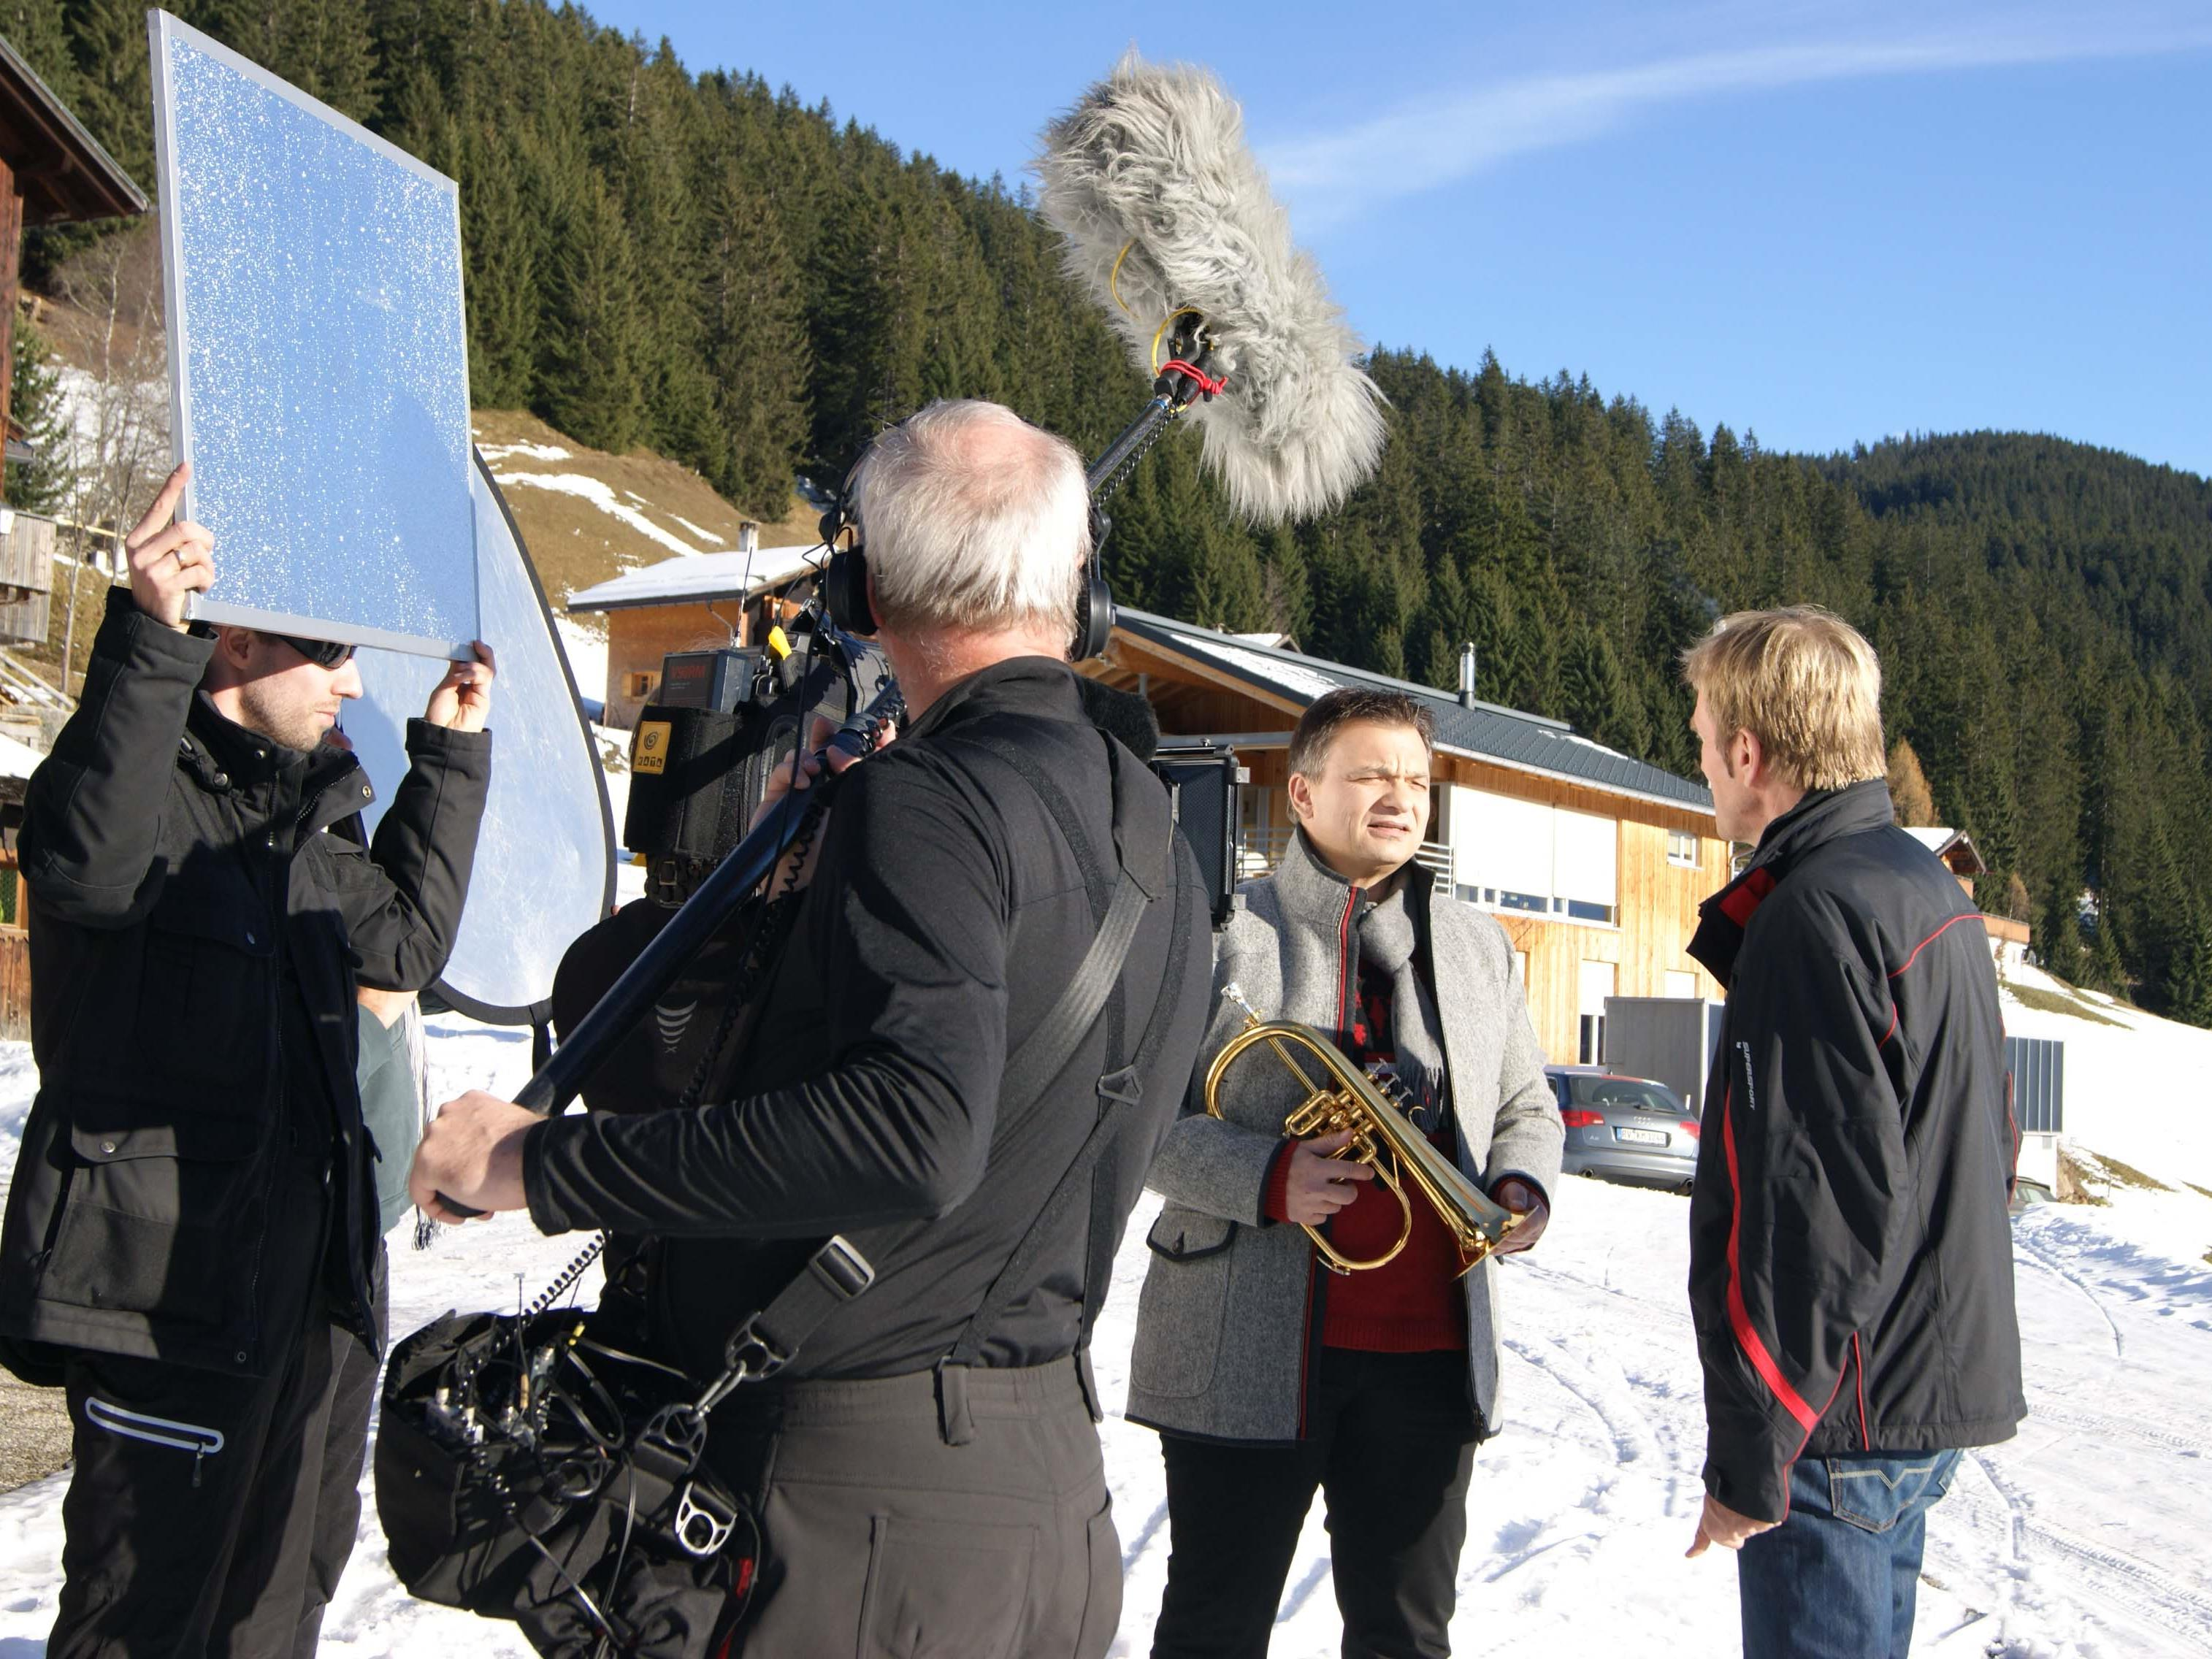 """""""Musikalische Reise ins winterliche Montafon"""" SWR Fernsehen: 03. Jänner 2014, 20:15 Uhr - 21:45 Uhr."""